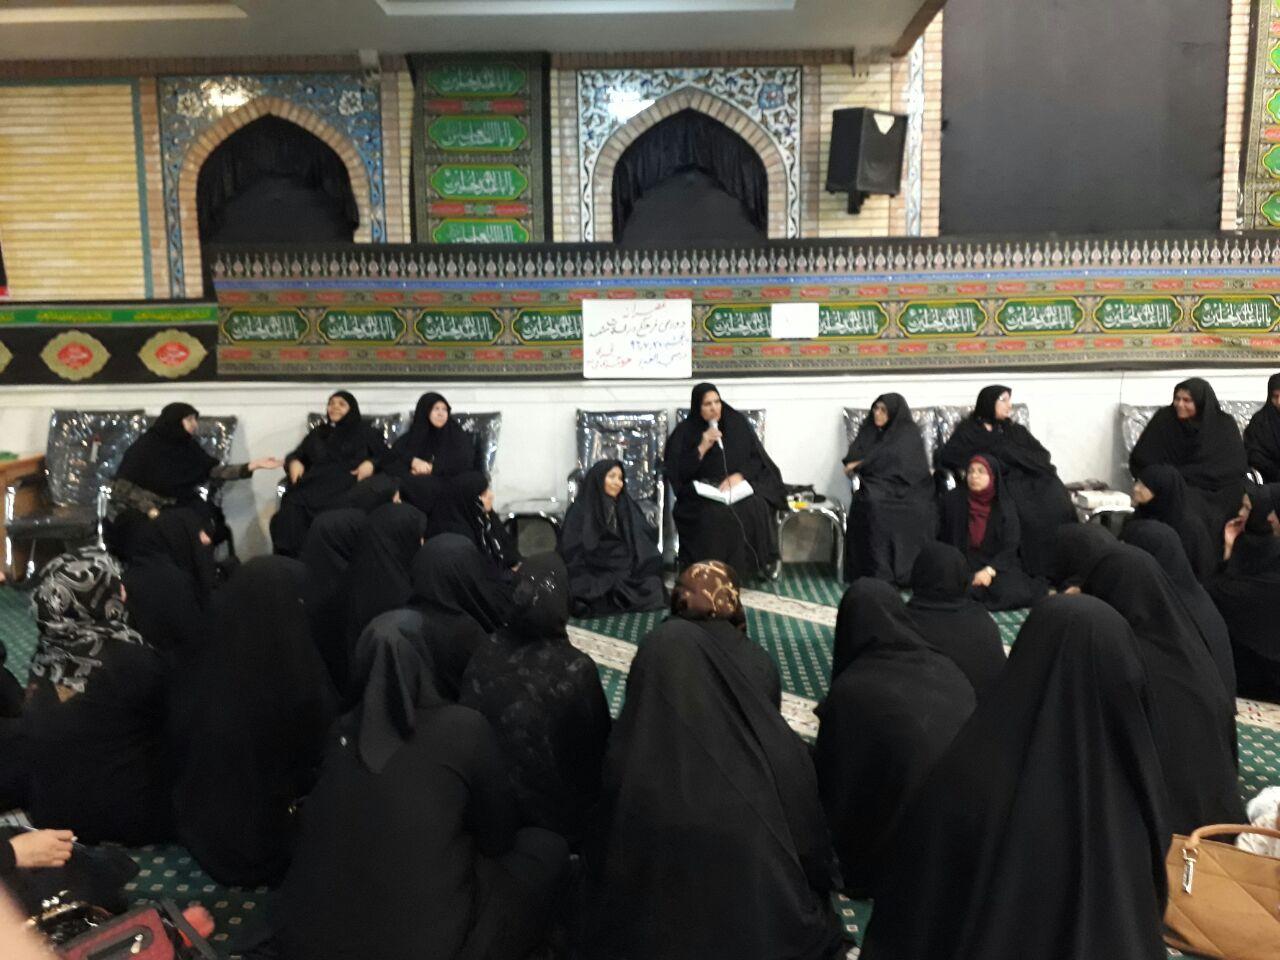 فرهنگسرای حجاب مشهد فرهنگسرای حجاب مشهد